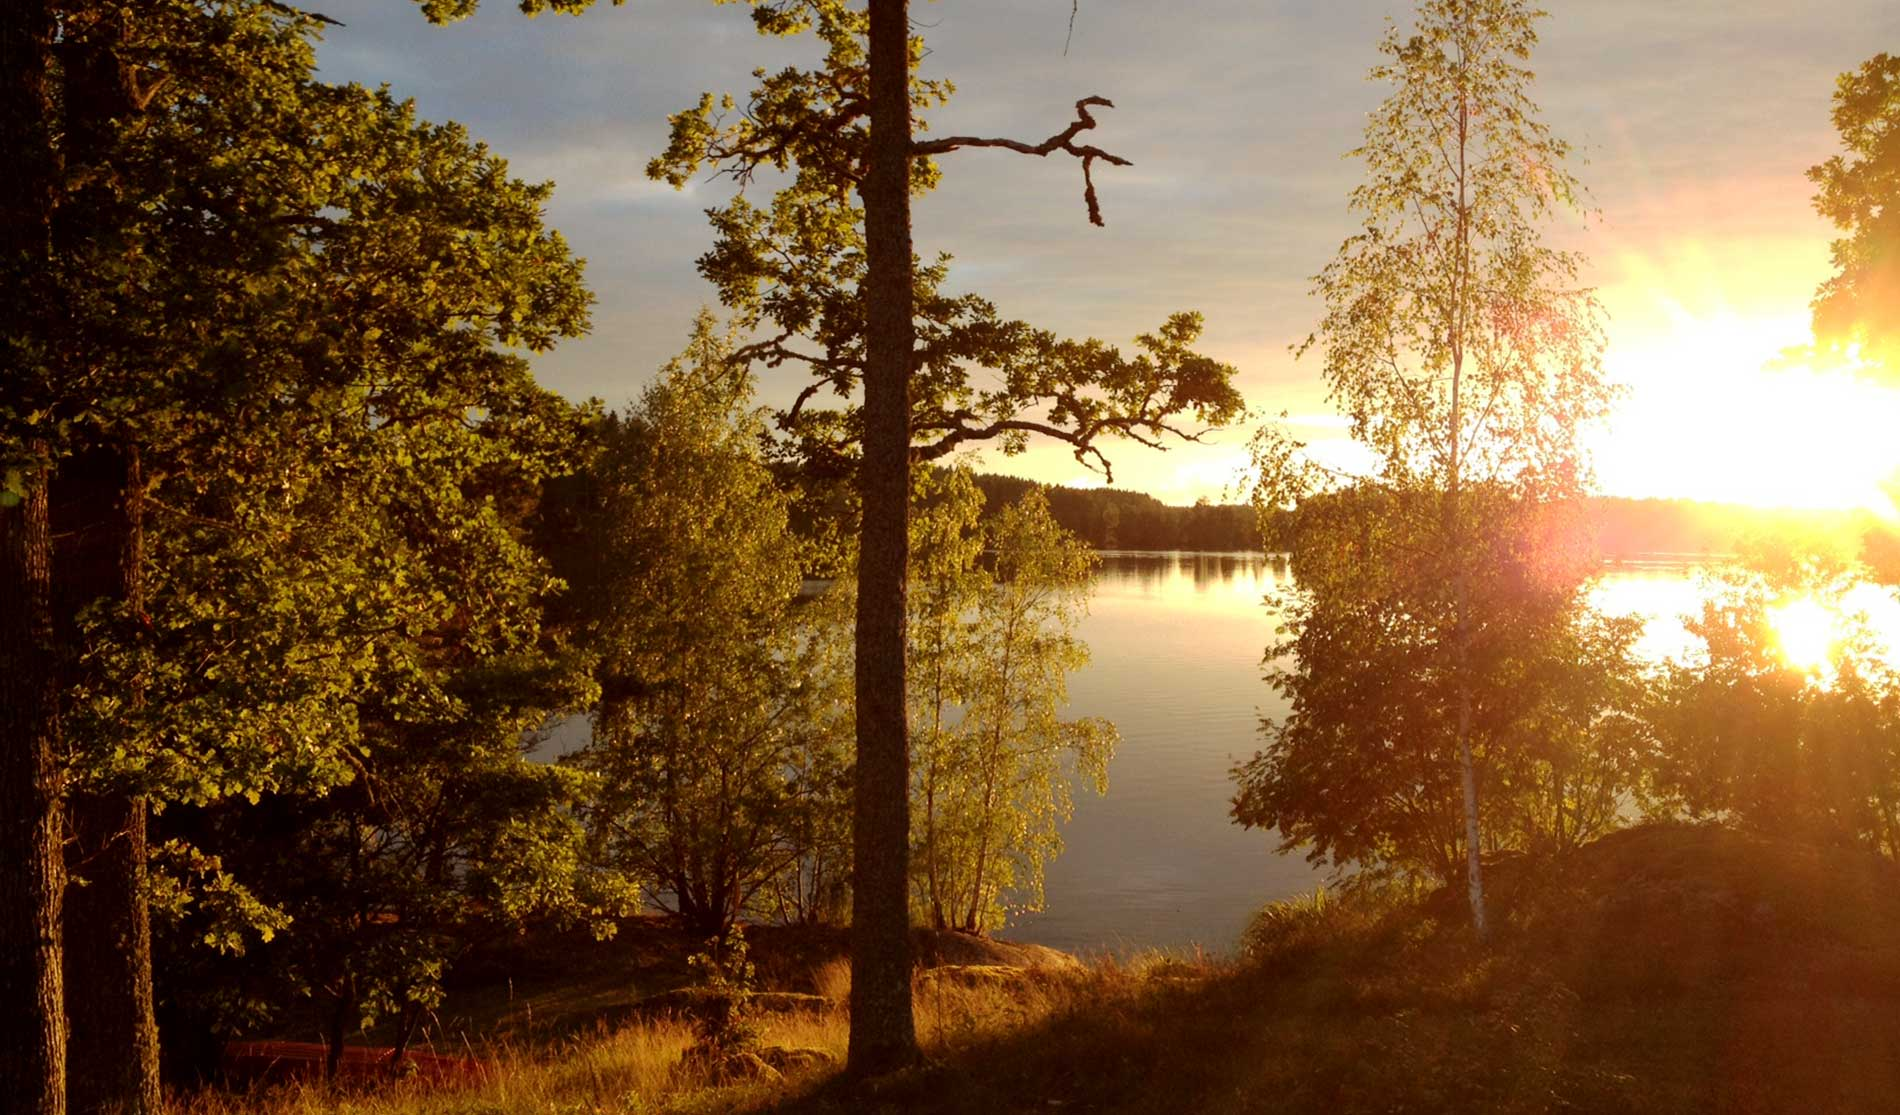 södermanland angeln schweden